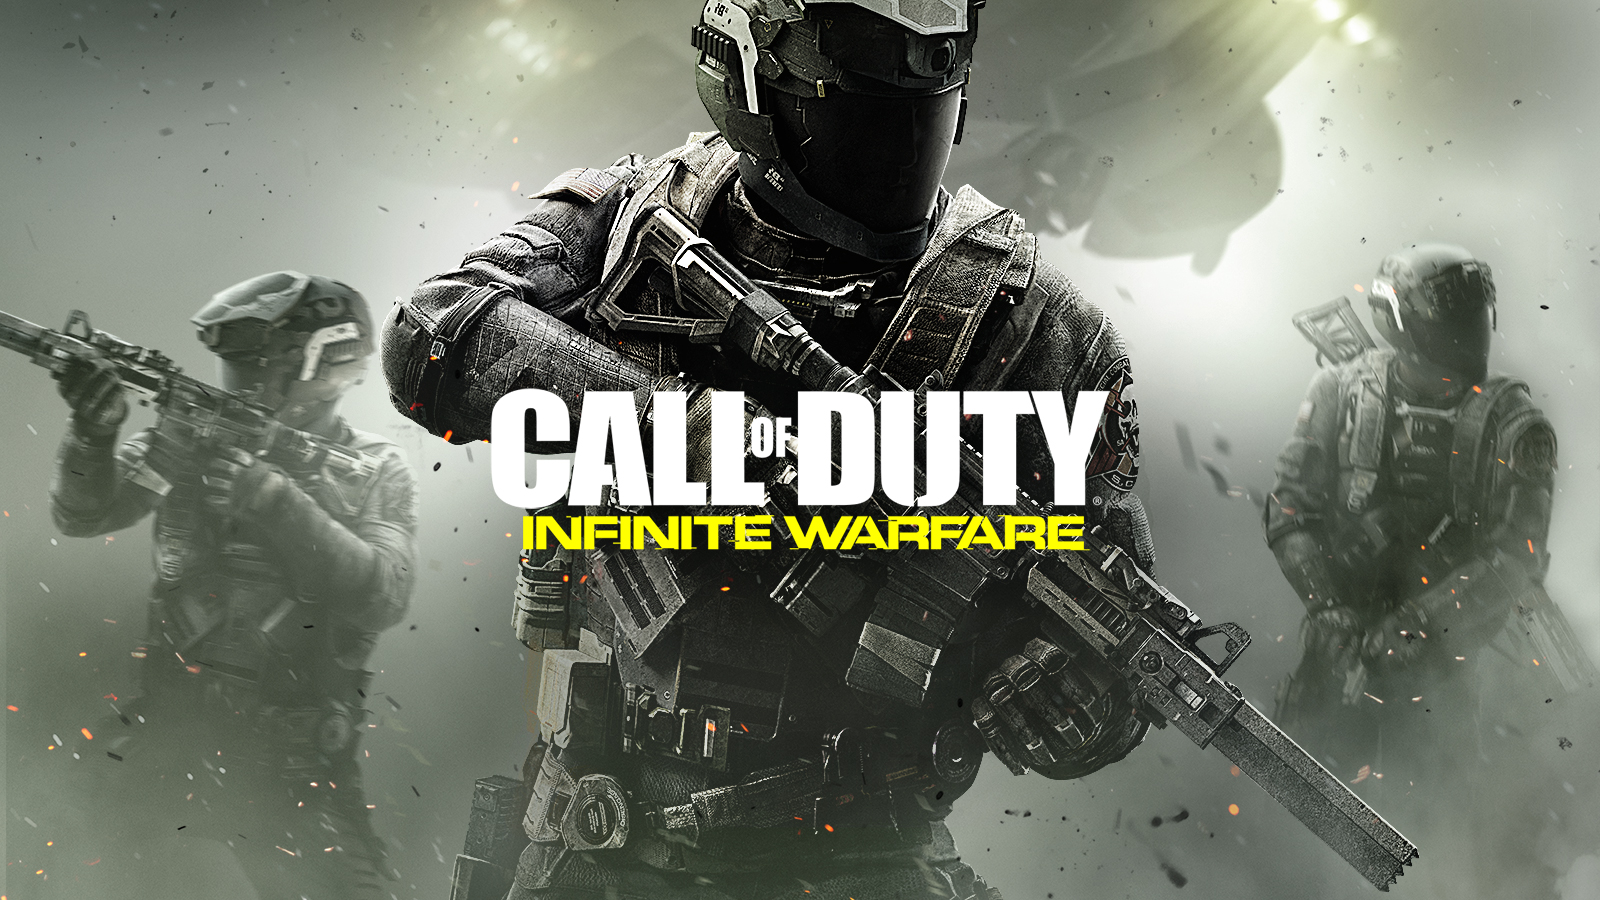 Call Of Duty Infinate Warfare Computer Wallpaper 489 1600x900 Px